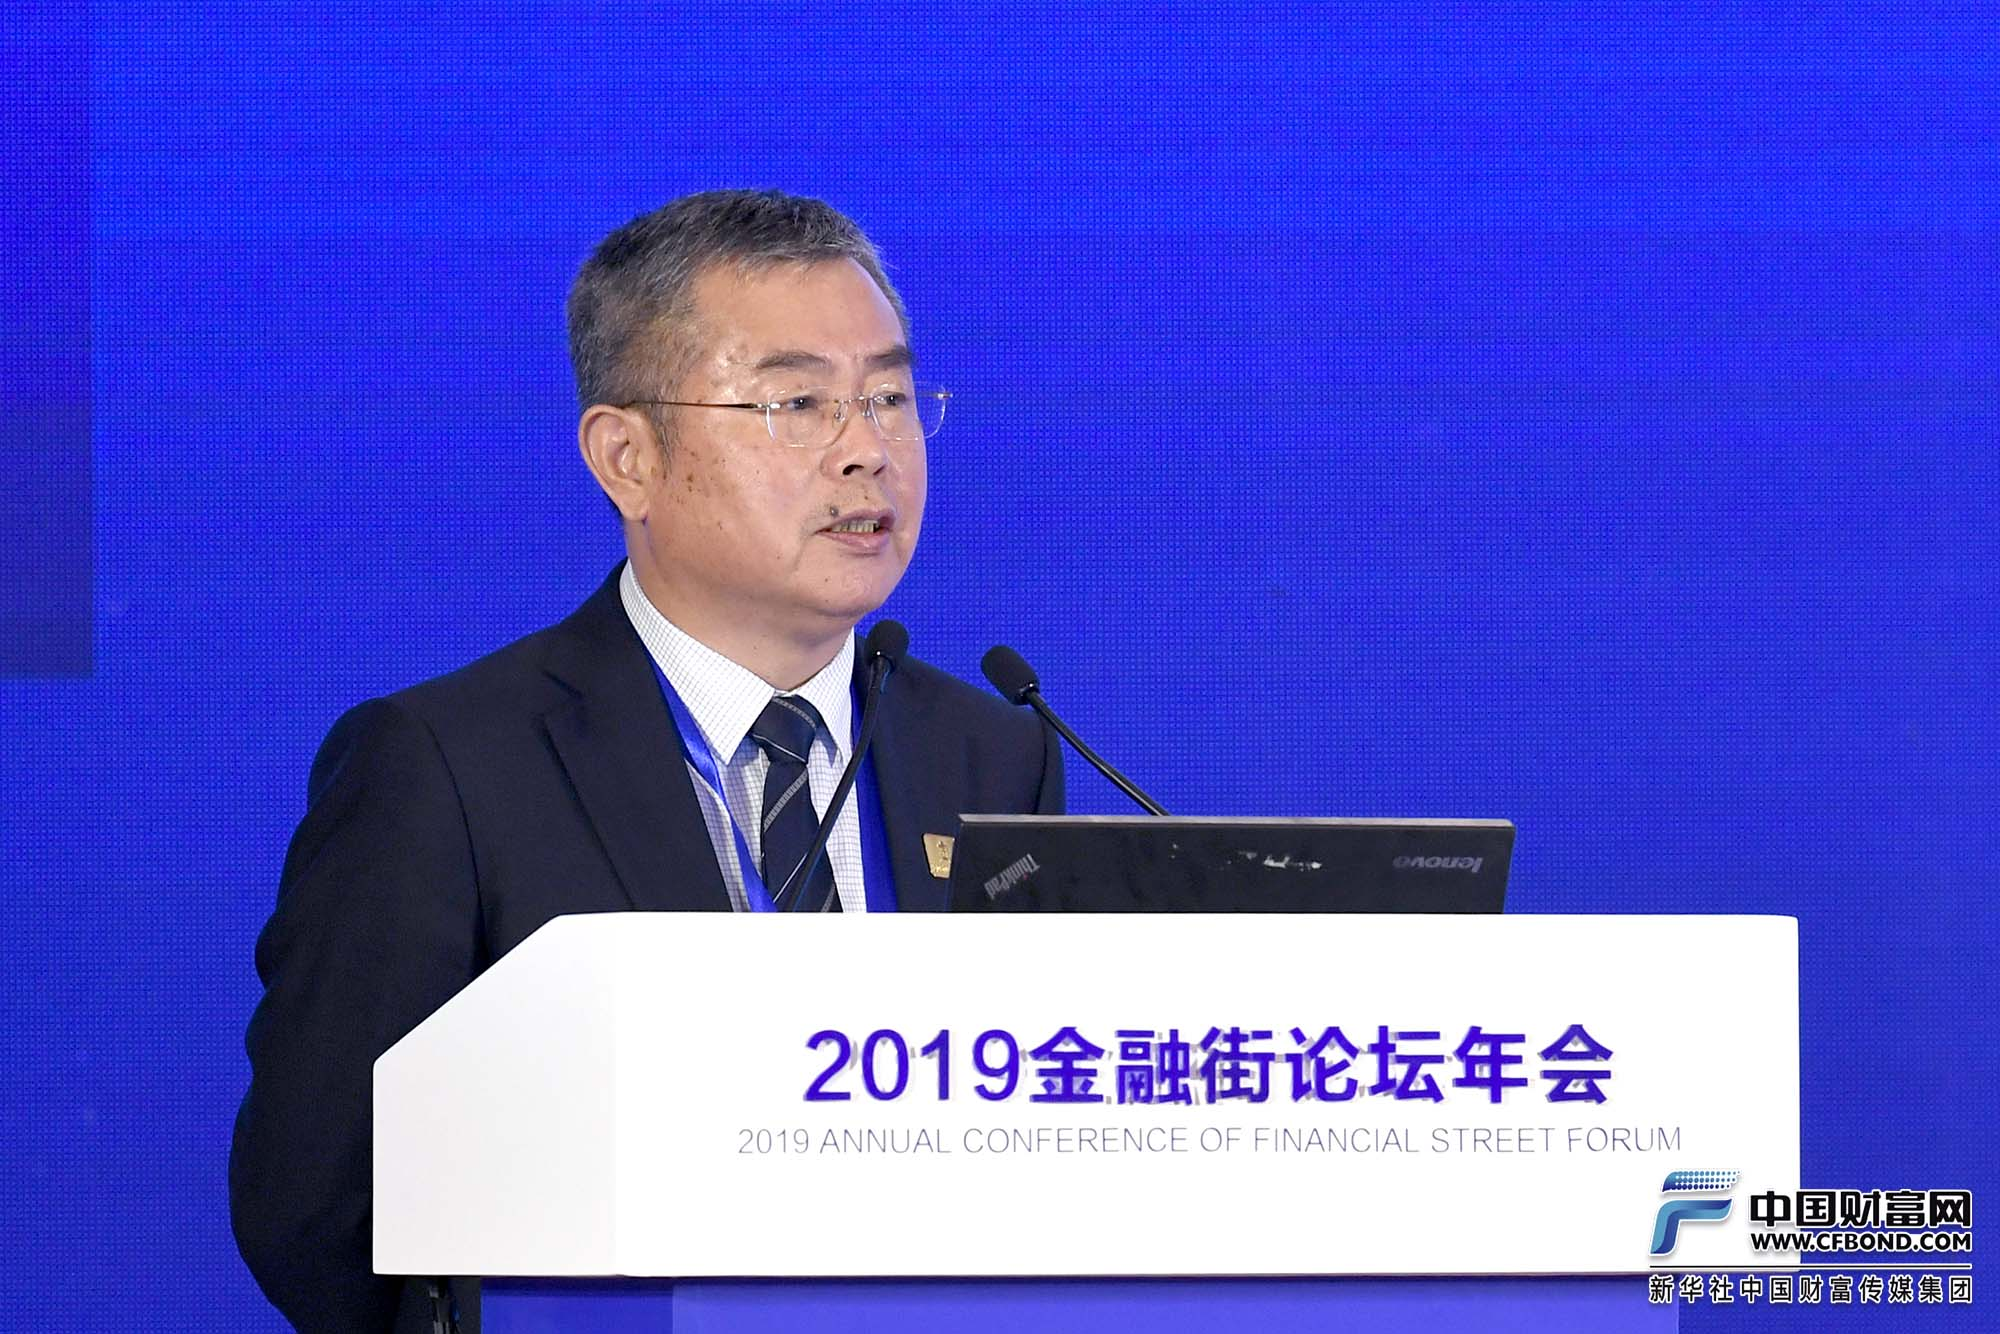 演讲嘉宾:国家金融与发展实验室理事长李扬